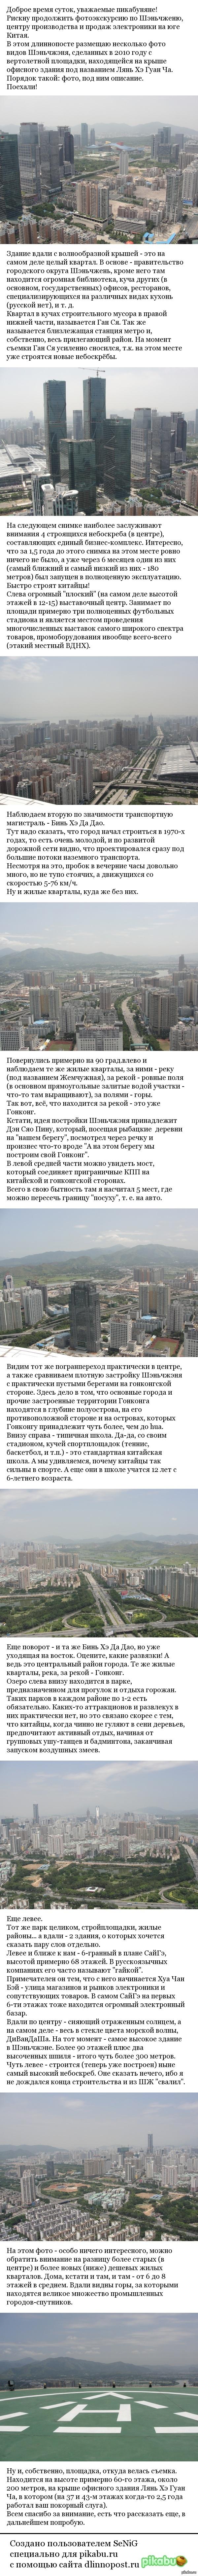 Шэньчжэнь с высоты птичьего полёта. Продолжение серии фотоэкскурсий по южнокитайскому городу и его окрестностям.